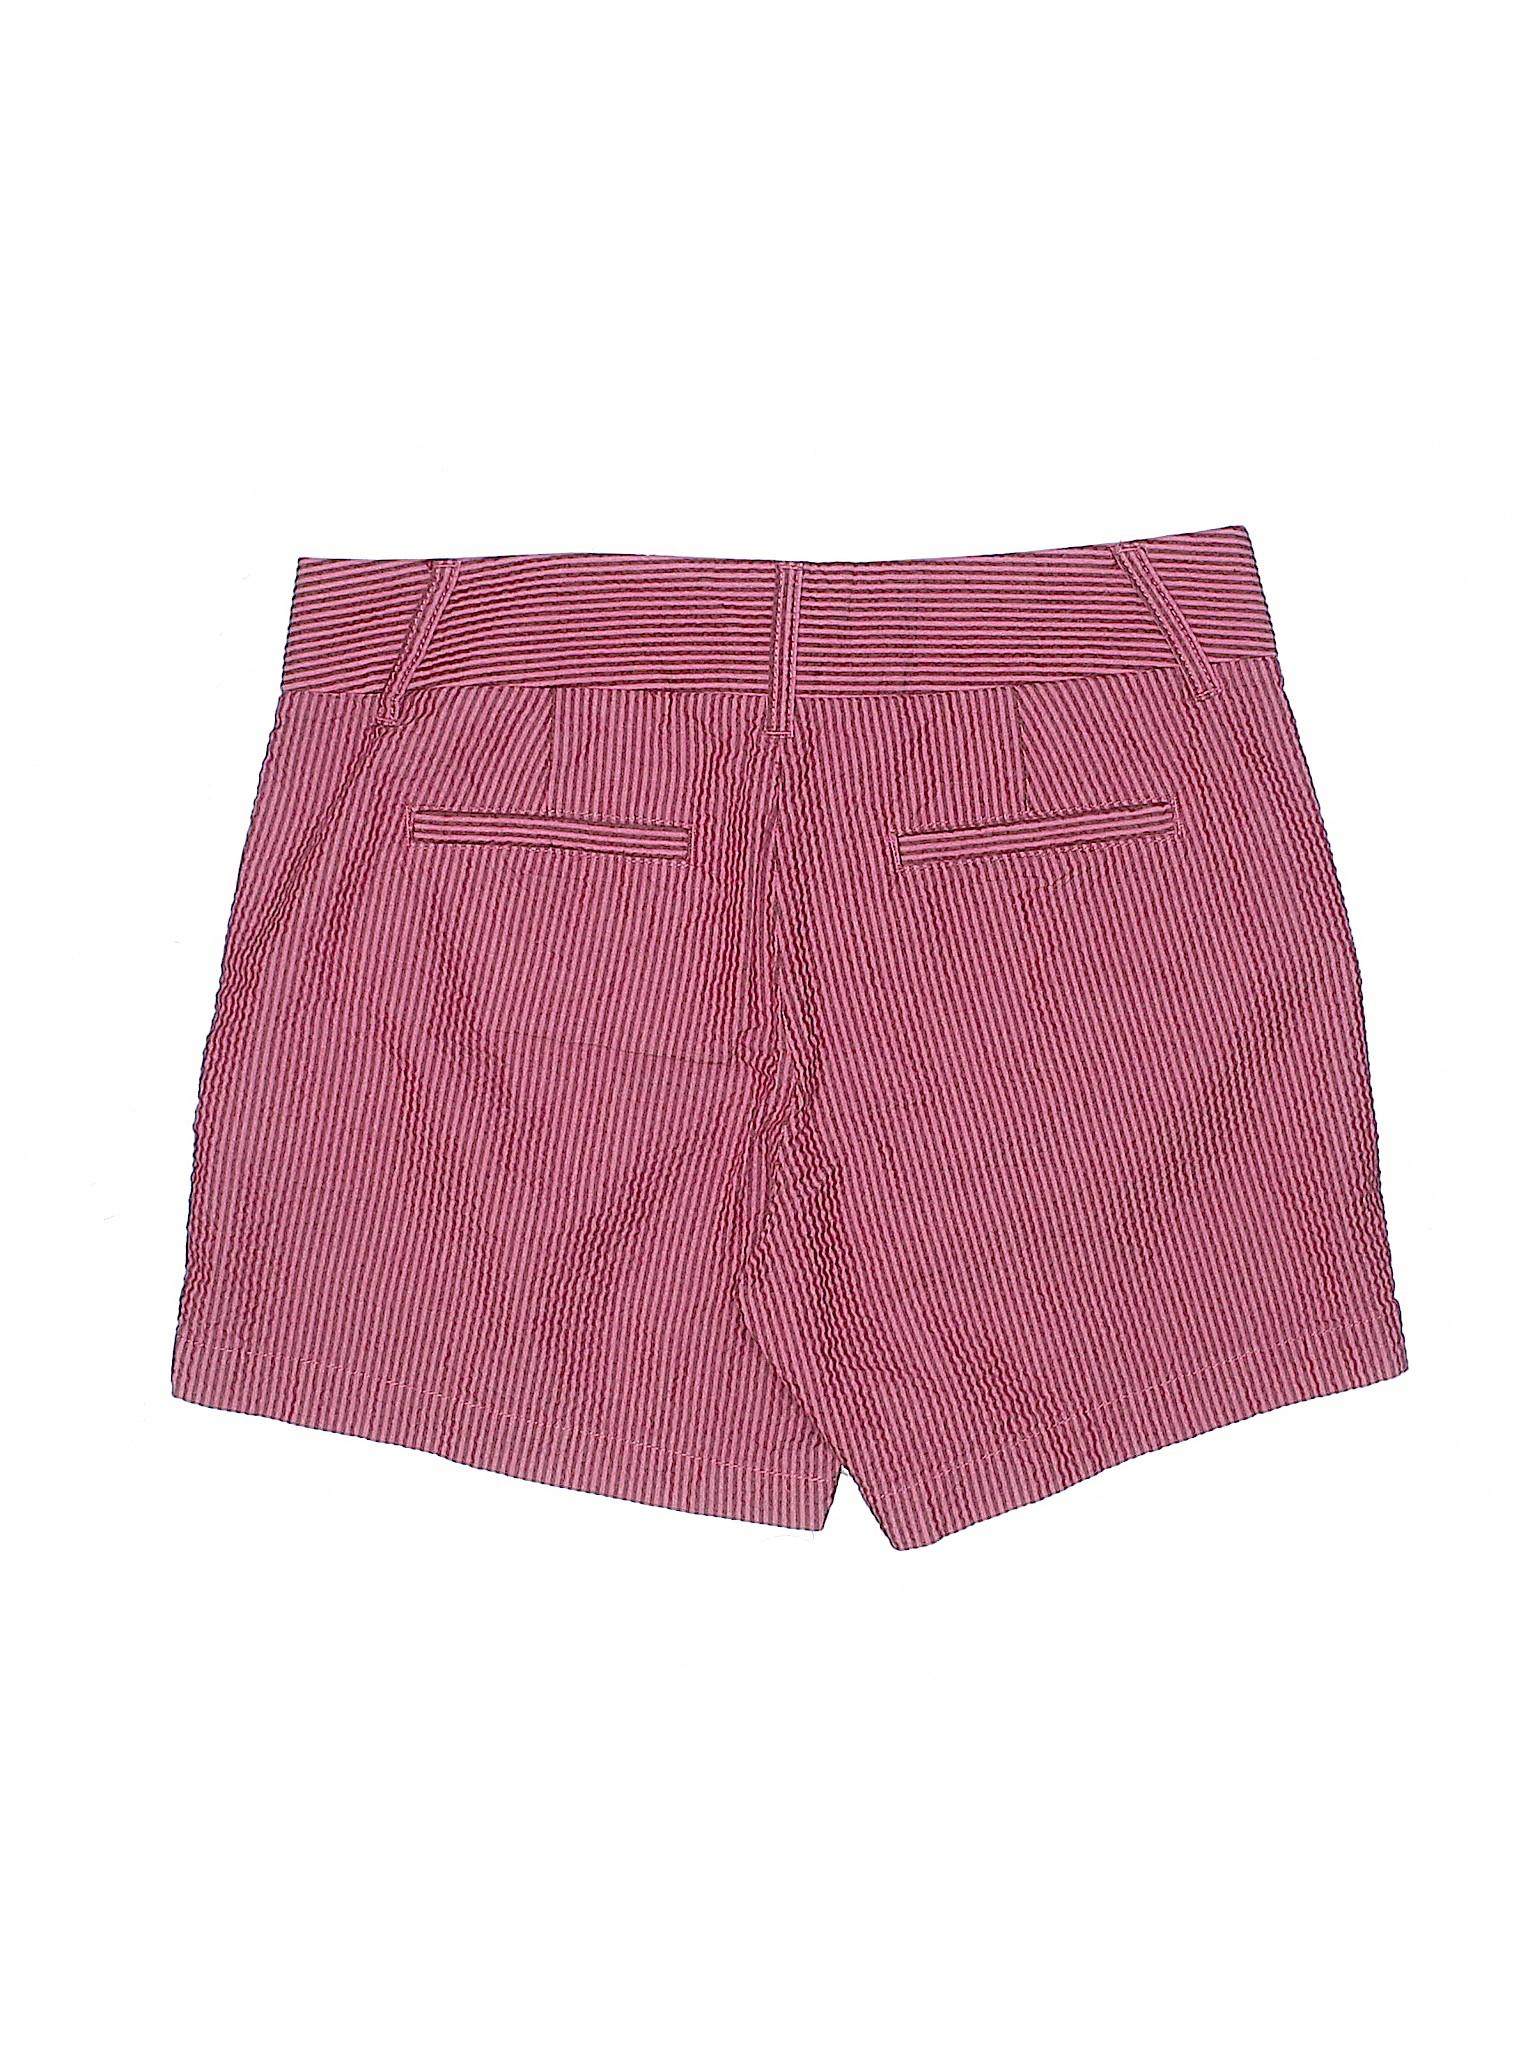 Boutique J Crew J Boutique Shorts dg7wwS0Bq